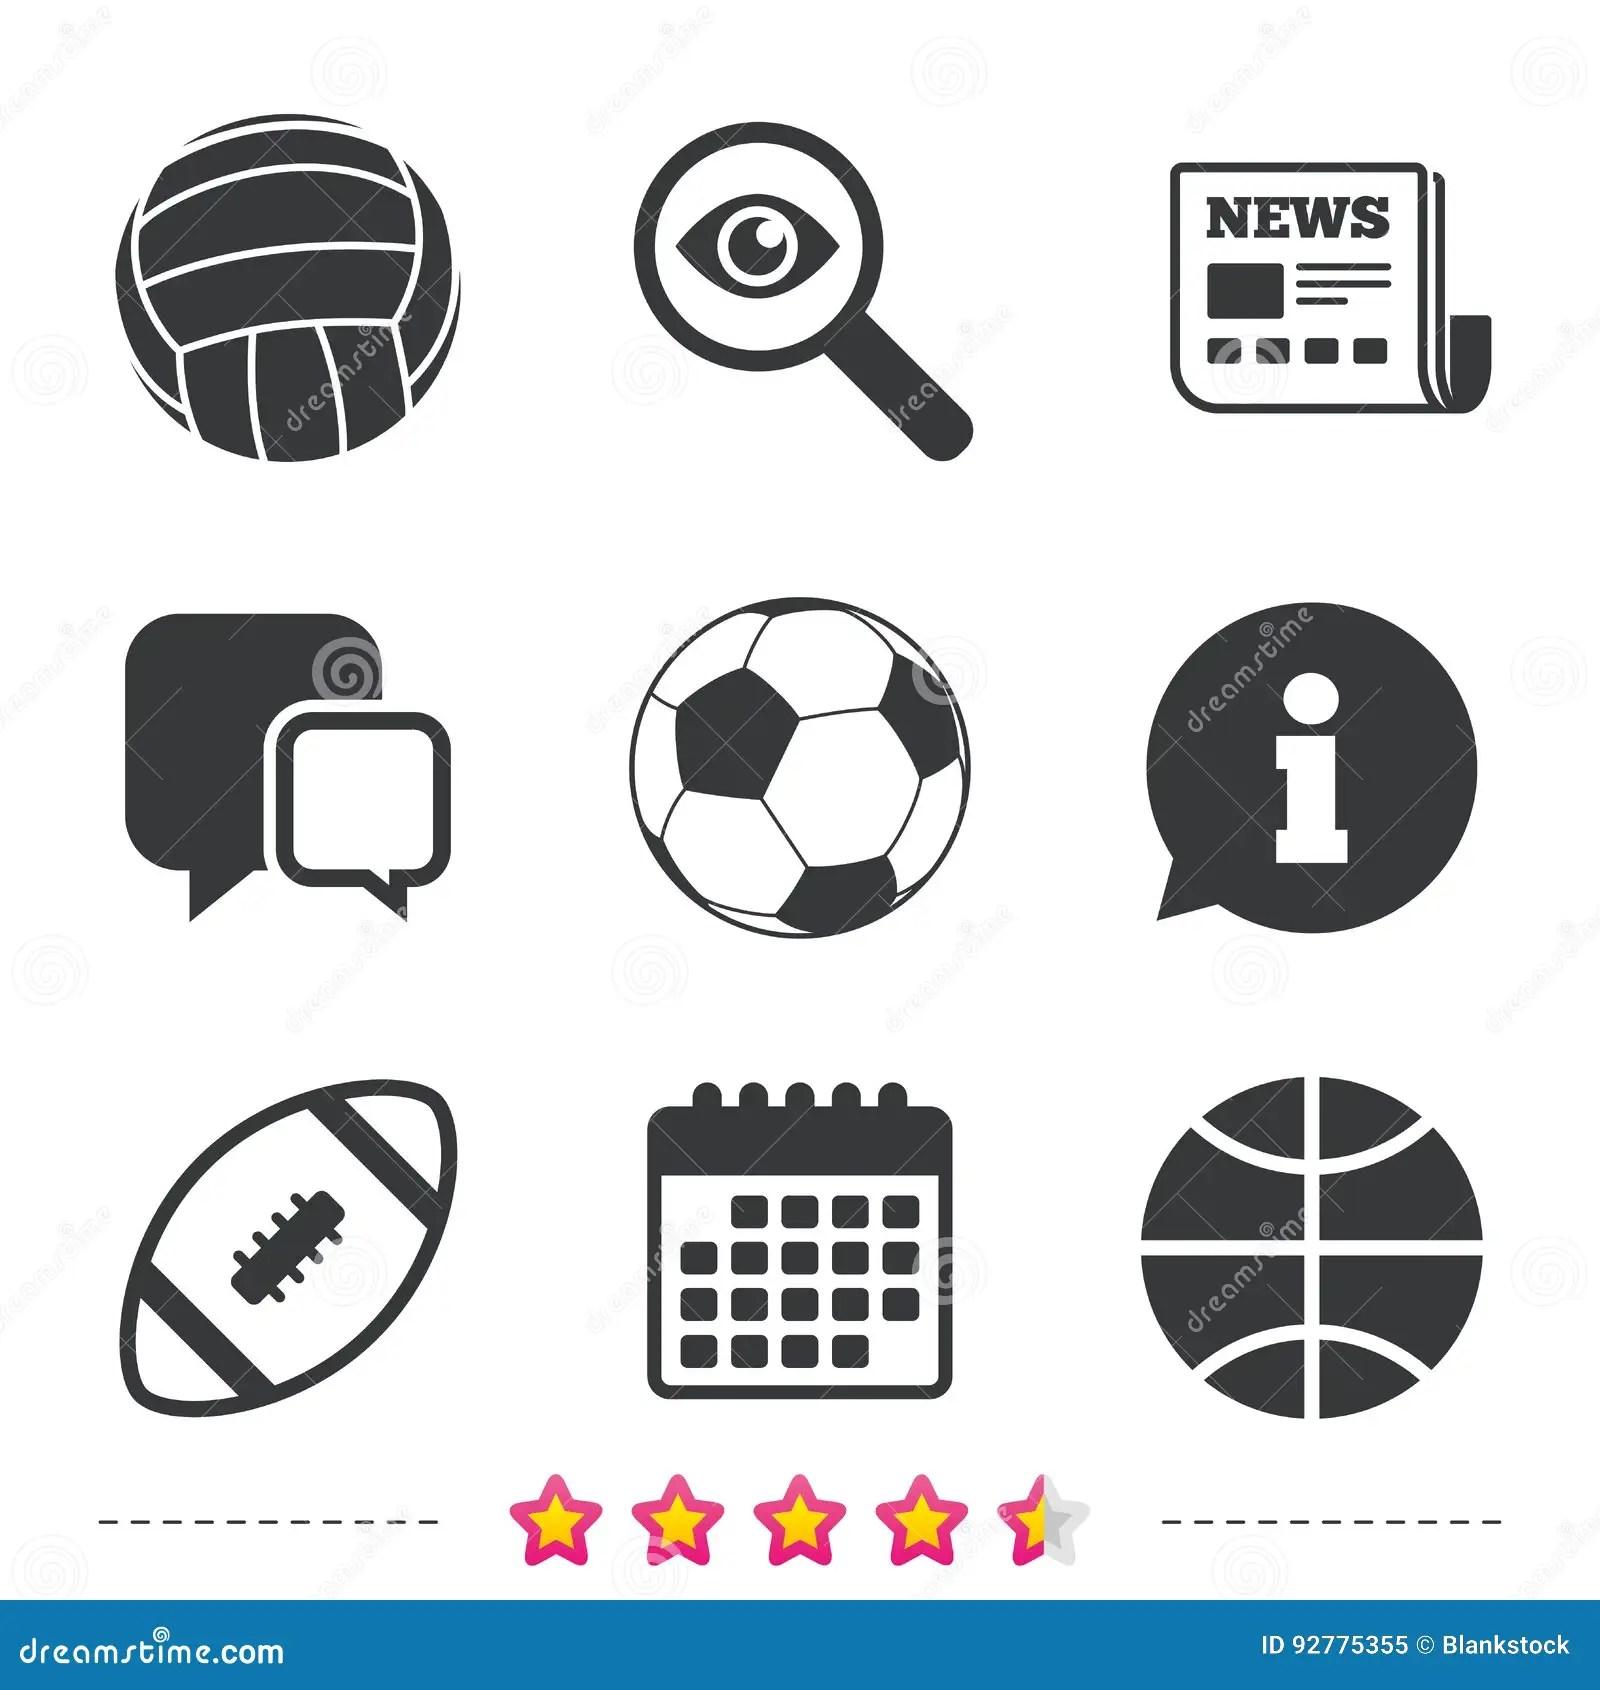 Sport Balls. Volleyball, Basketball, Soccer. Cartoon